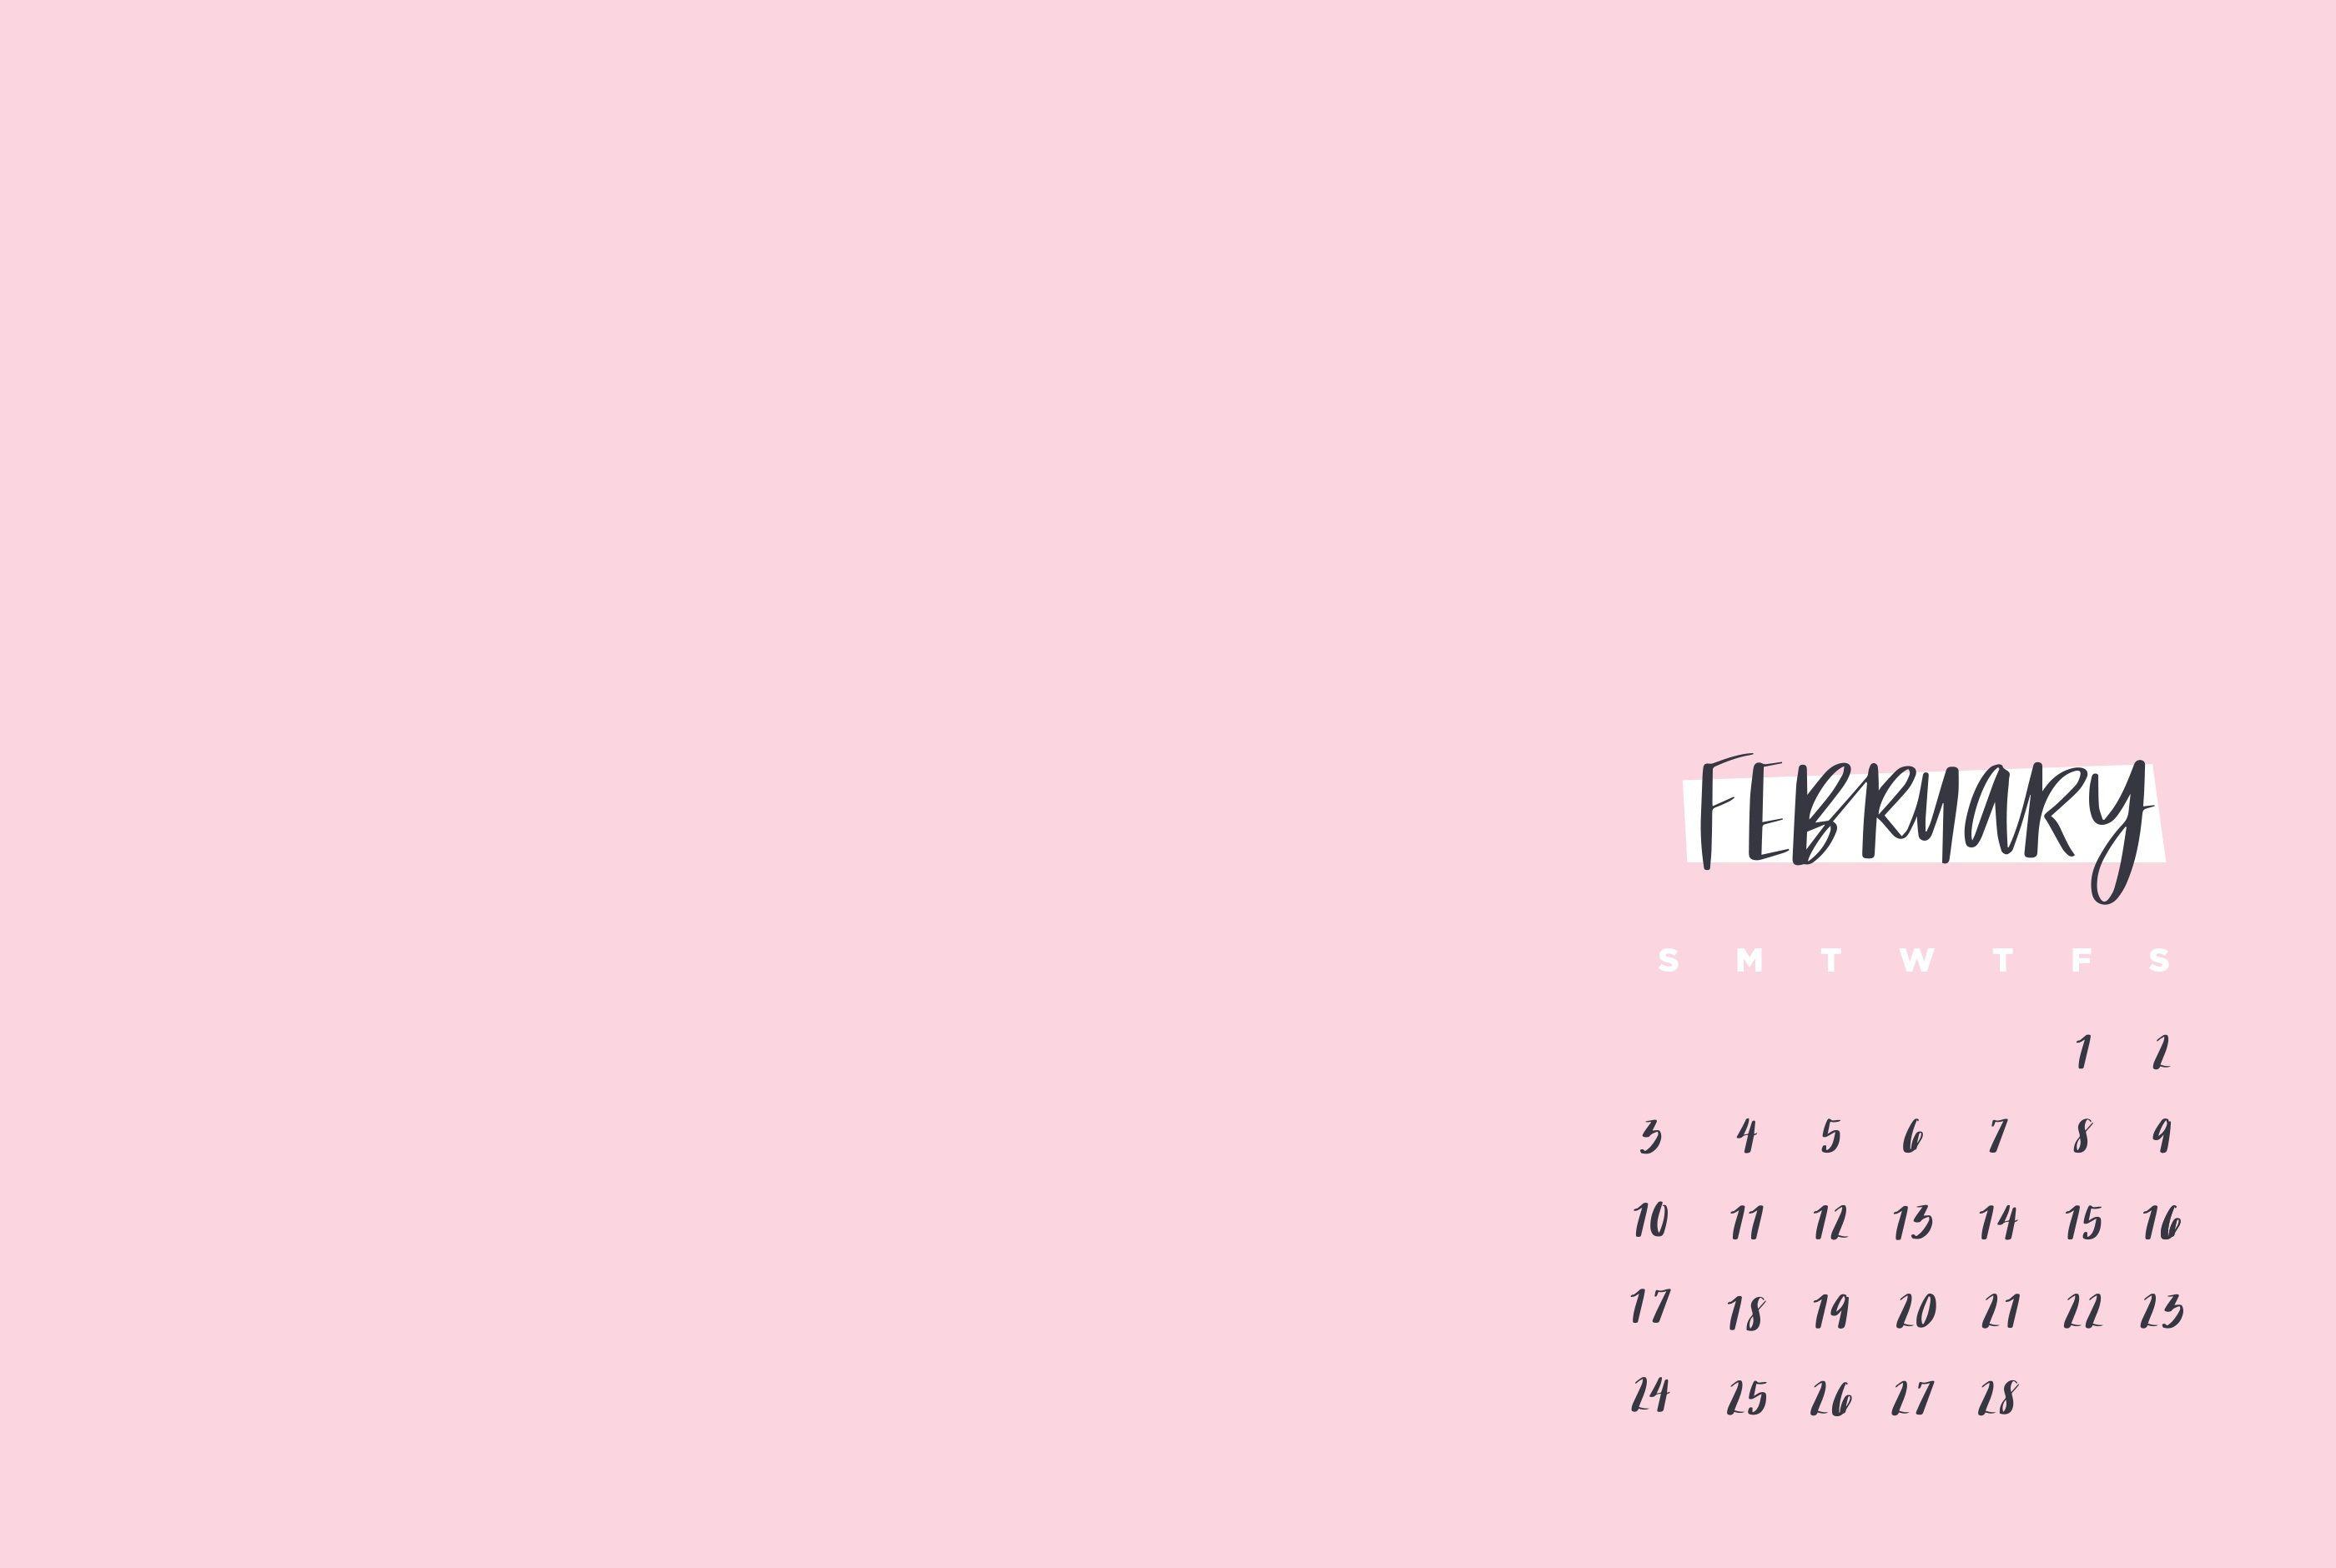 February 2019 Calendar Wallpaper Calendar Wallpaper Desktop Wallpaper Calendar February Wallpaper